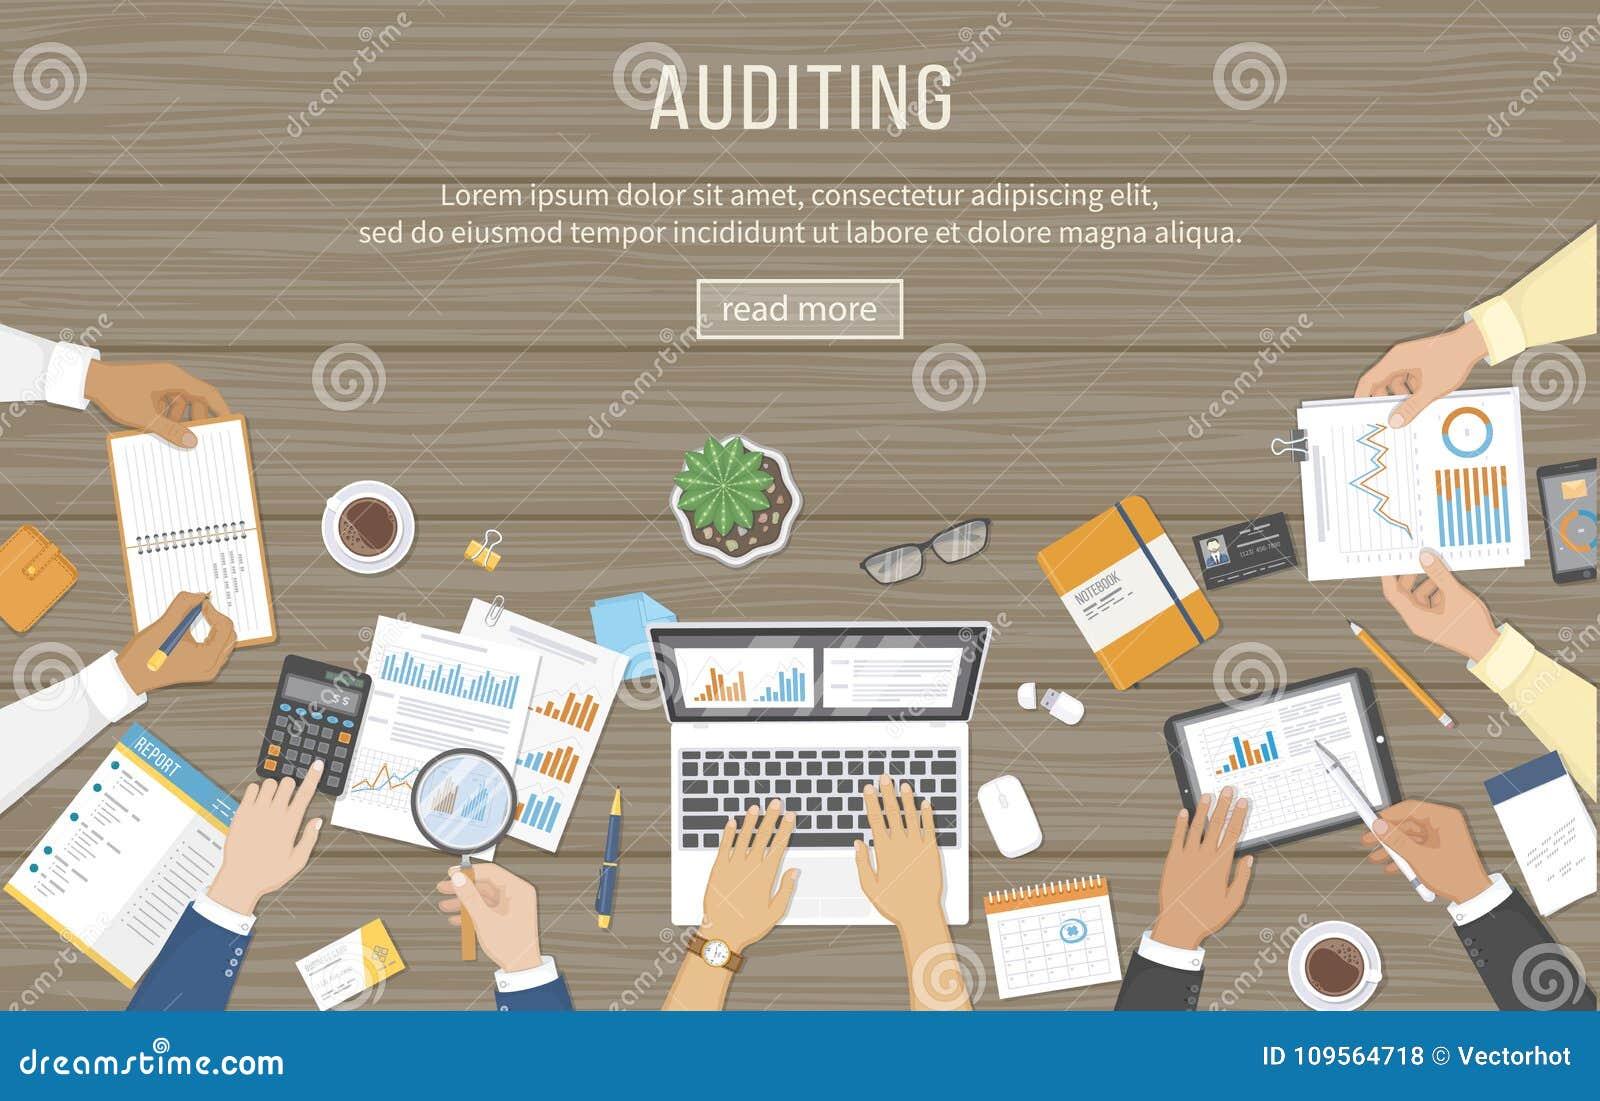 Affärsmöte, revision, dataanalys, anmäla som redovisar Folk på skrivbordet på arbete Människahänder på en tabell med dokument,